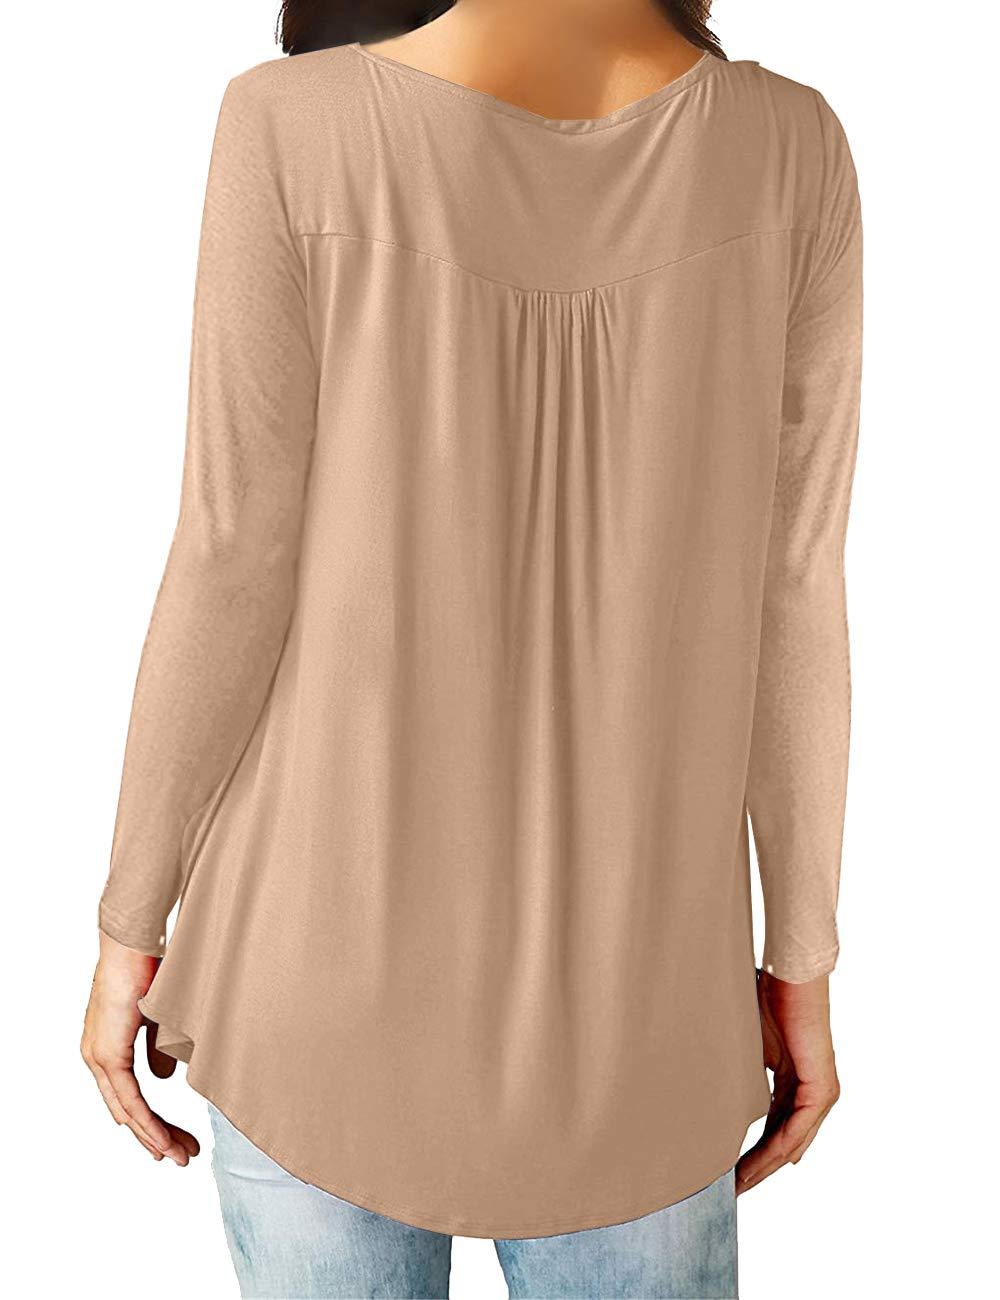 Eanklosco Damen Tops T-Shirts mit V-Ausschnitt Swing Ruffle Blusen Tunika mit Knöpfen Casual Flowy Lange Ärmel (XXL, Leichter Kaffee)